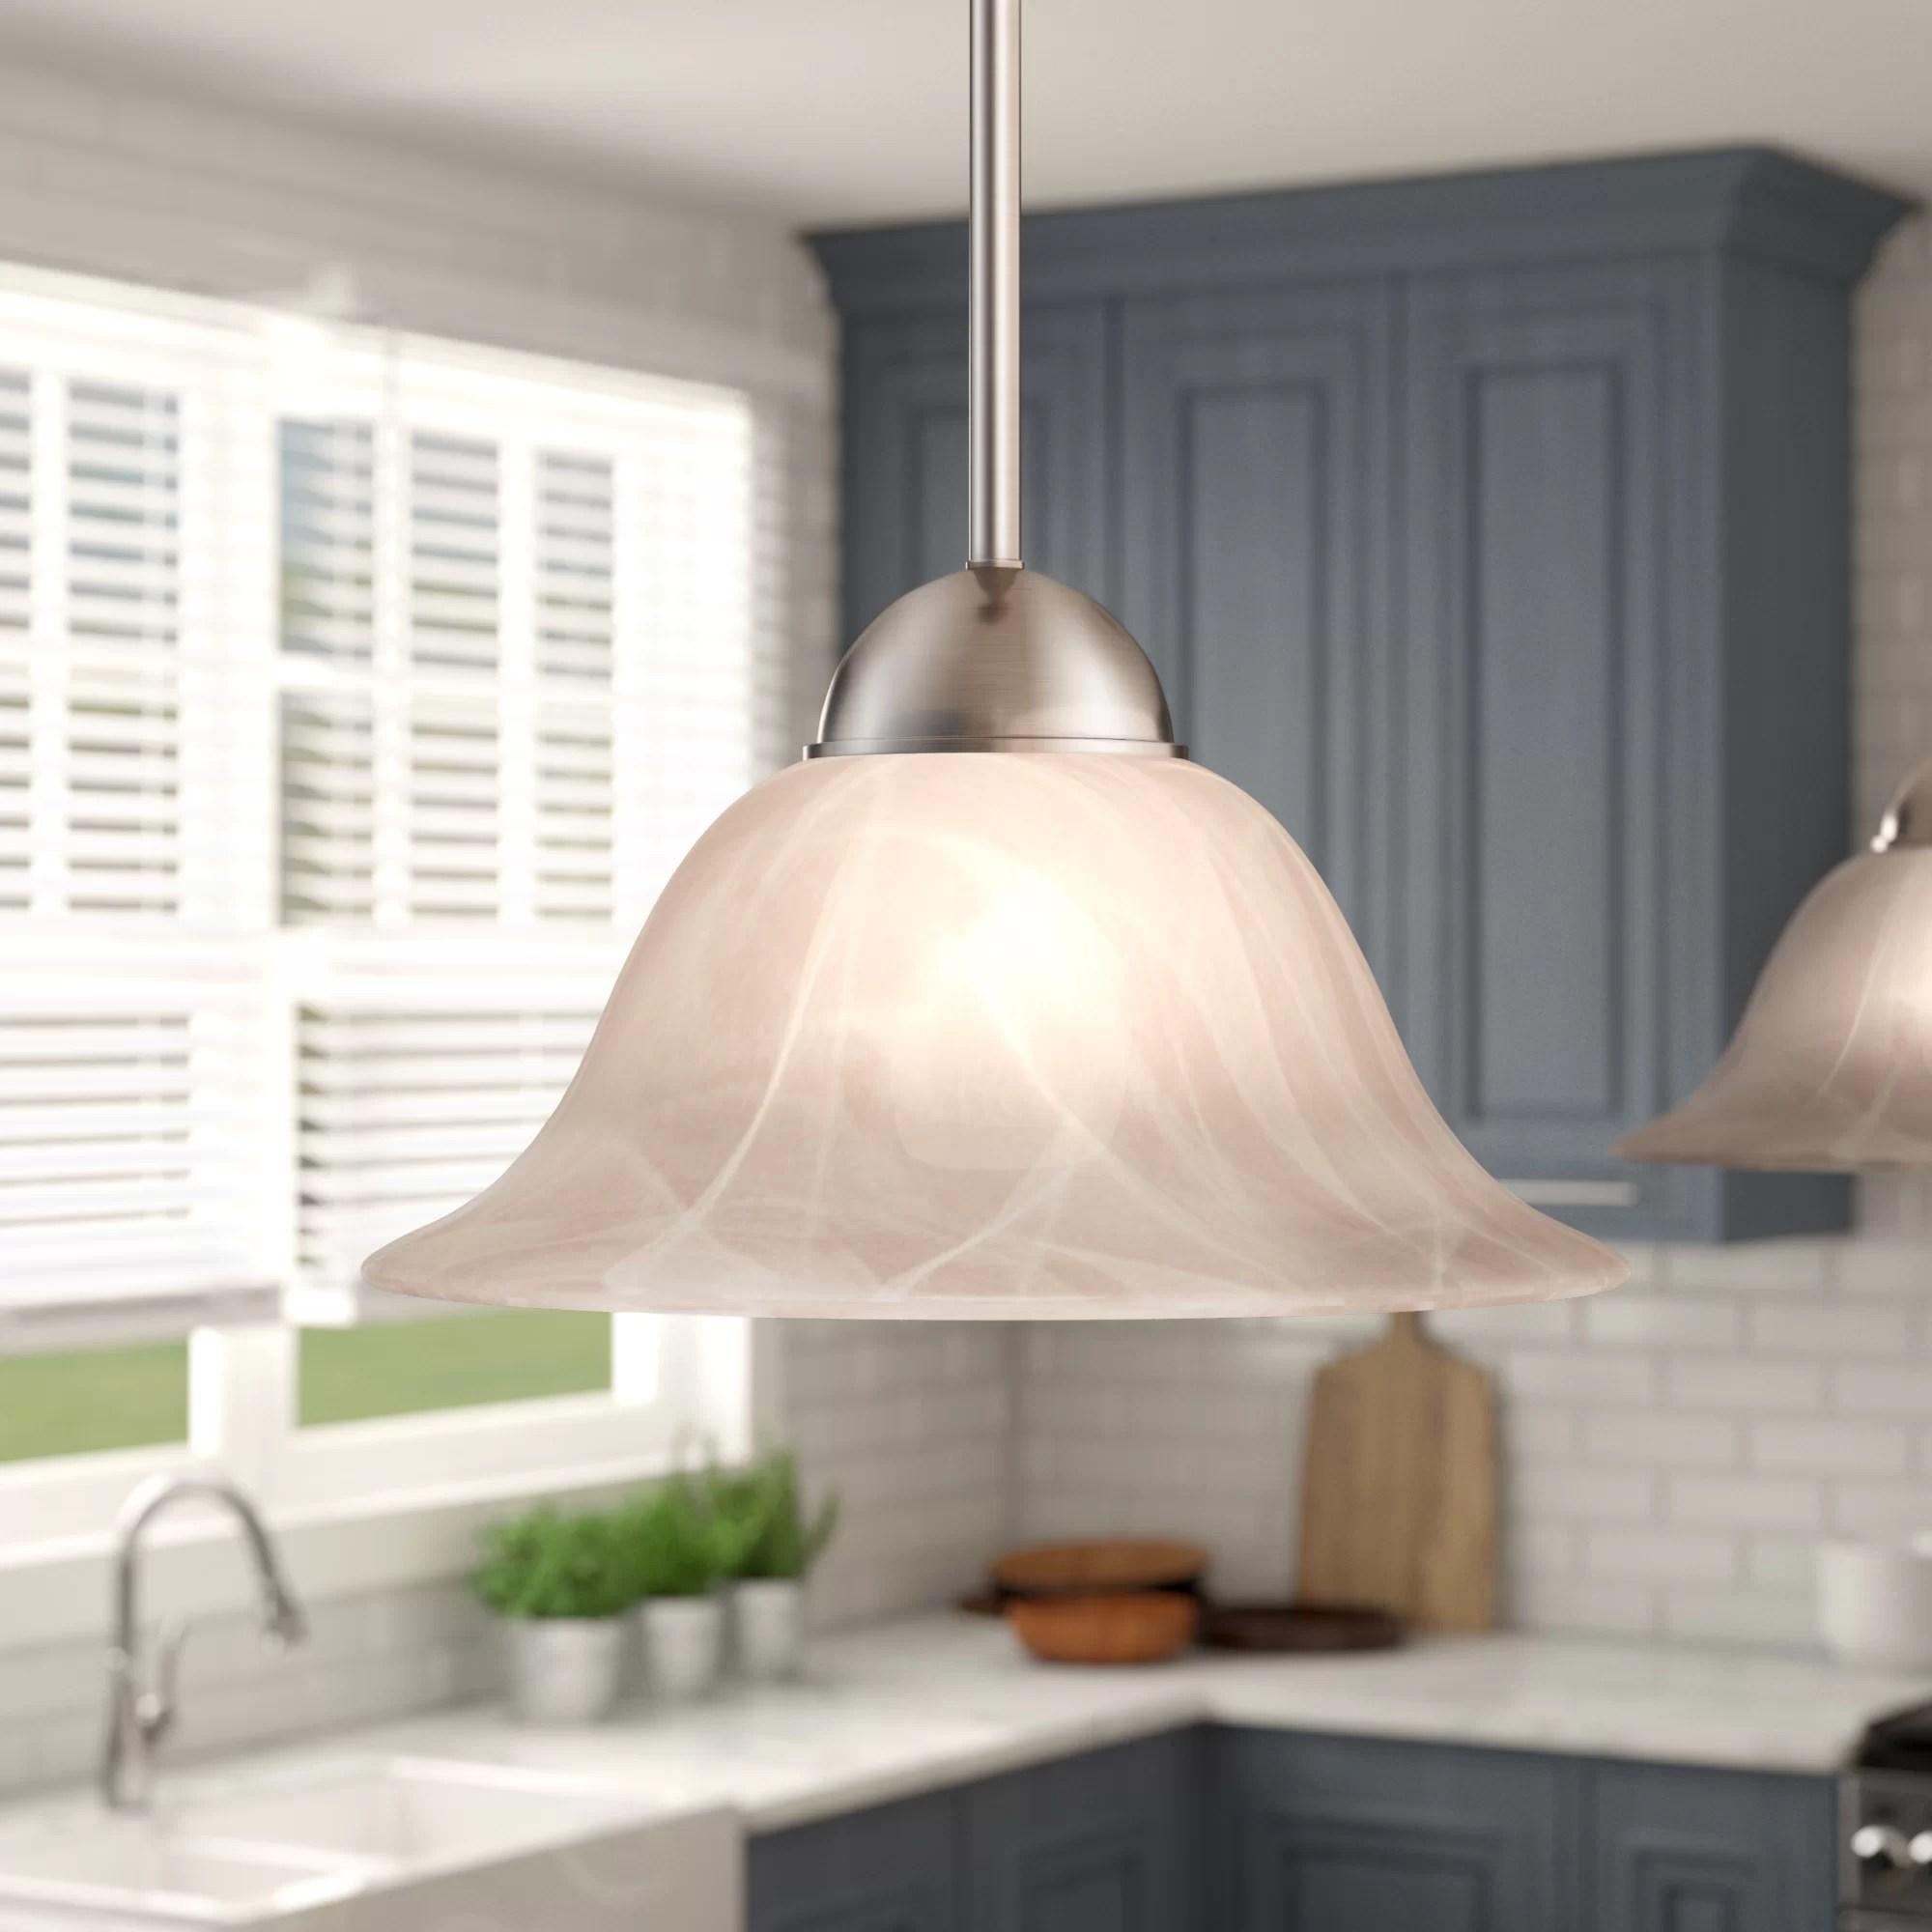 Brushed Nickel Pendant Lighting You Ll Love In 2020 Wayfair